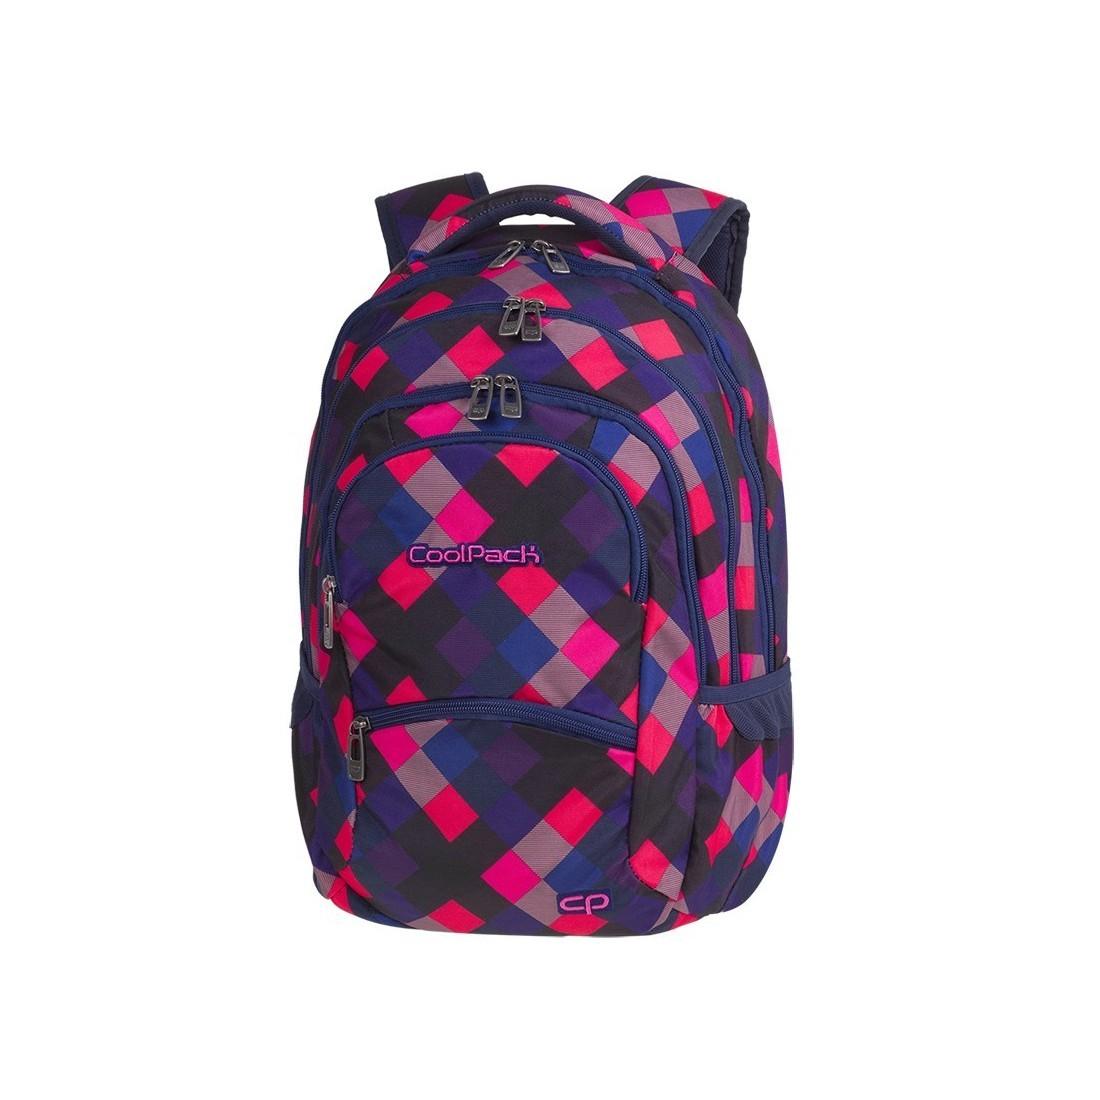 1ac3ff438324f Plecak młodzieżowy CoolPack CP COLLEGE ELECTRIC PINK w różowo-niebieskie  kwadraty super modny wzór -